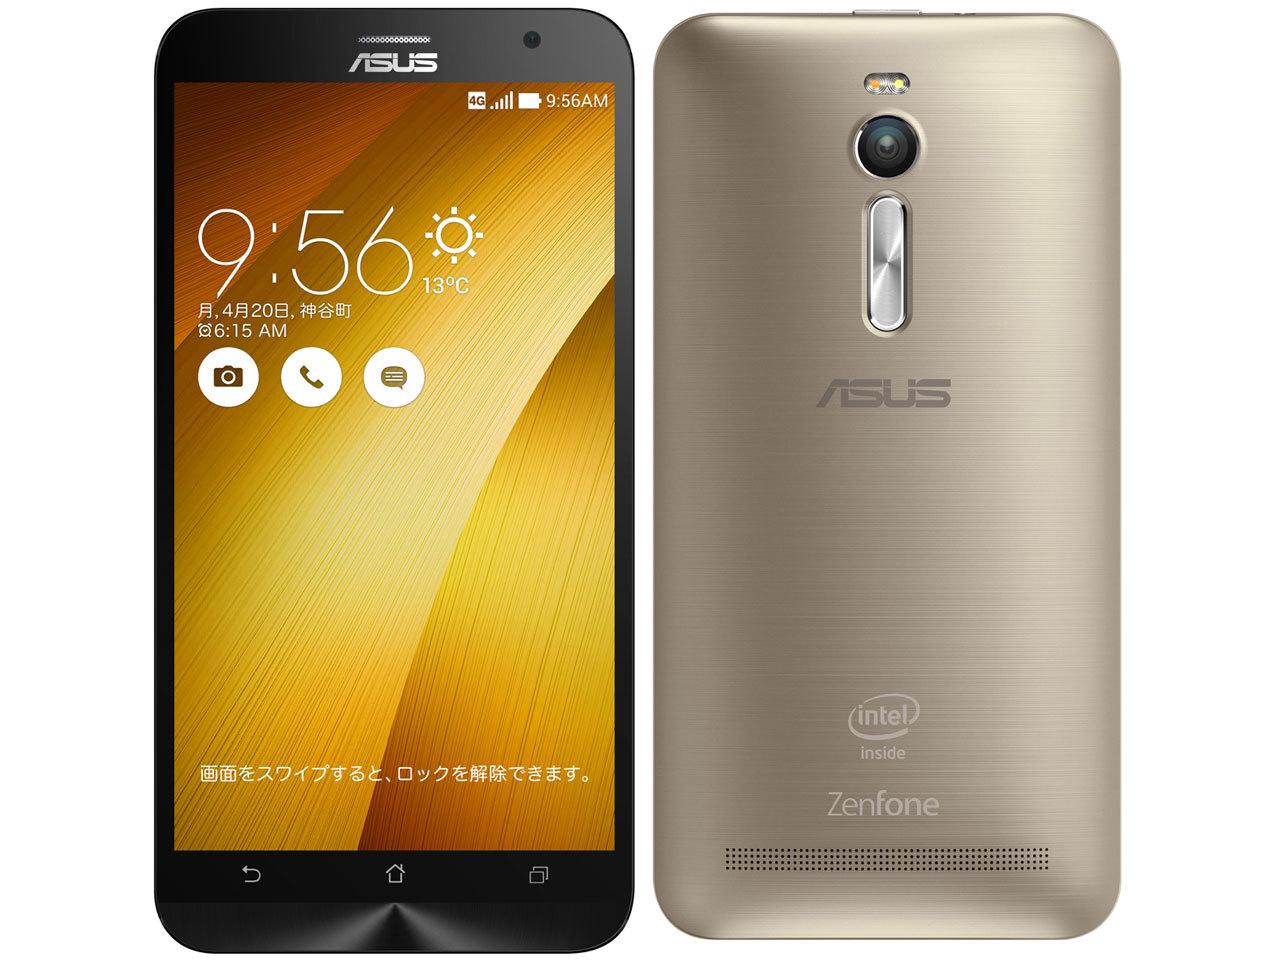 「新品 未開封品」SIMフリー ASUS ZenFone2 ZE551ML RAM4GB 64GBメモリー gold ゴールド [ASUS][simfree][格安]